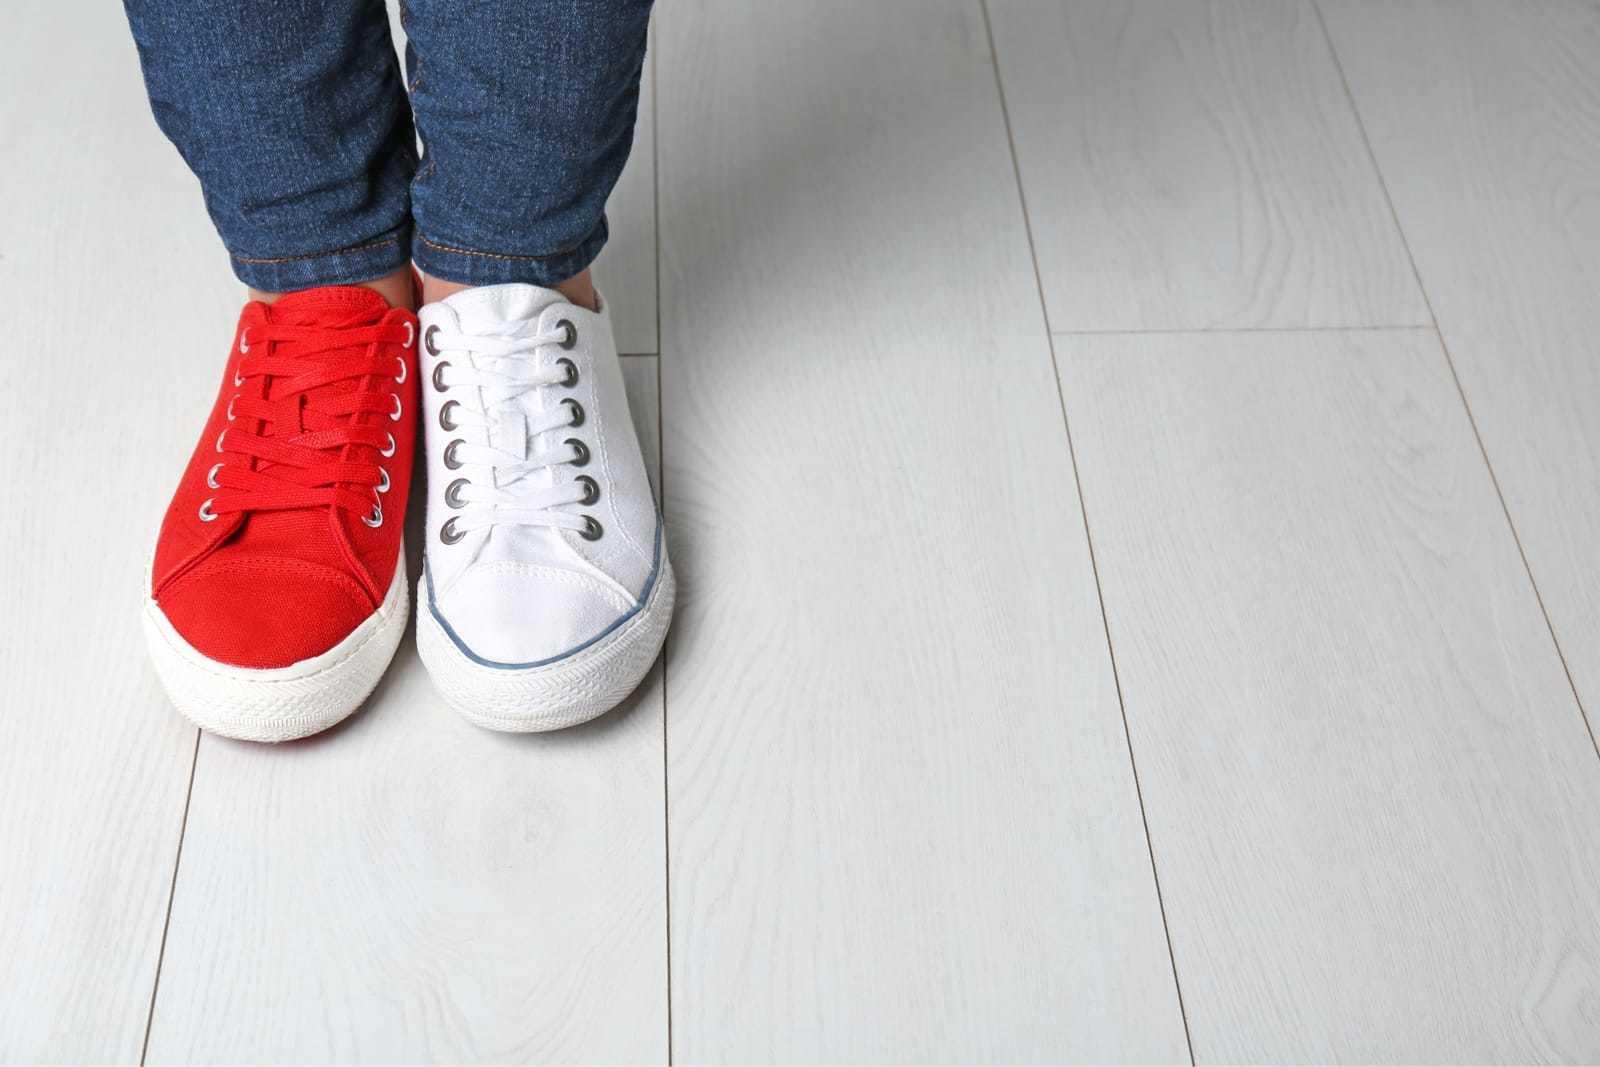 左右で違う色の靴を履いた女性